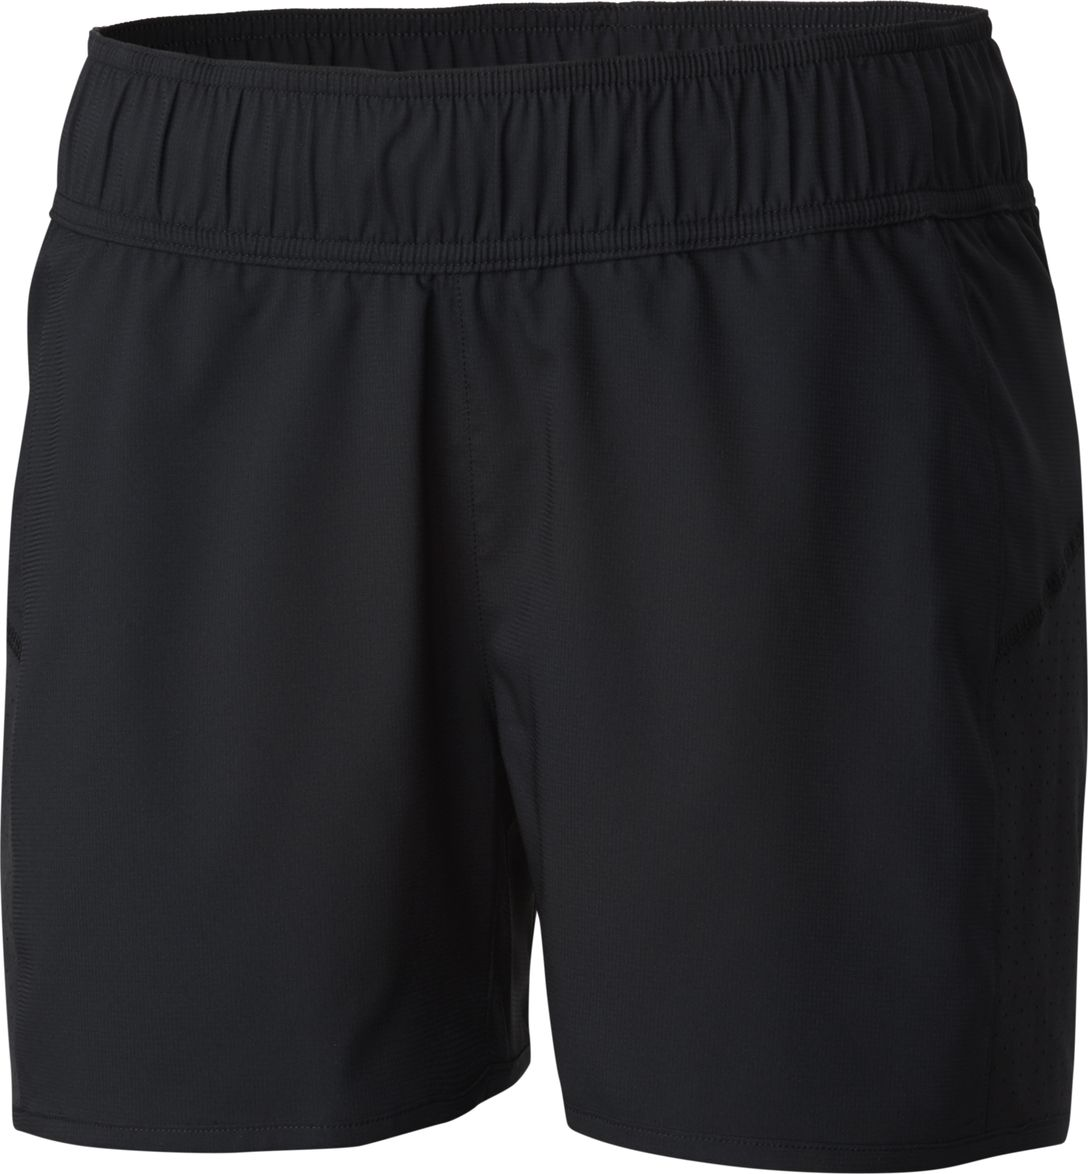 Шорты женские Columbia Bryce Canyon Short, цвет: черный. 1773711-010. Размер XS (42) чемодан columbia lu9381 010 2399